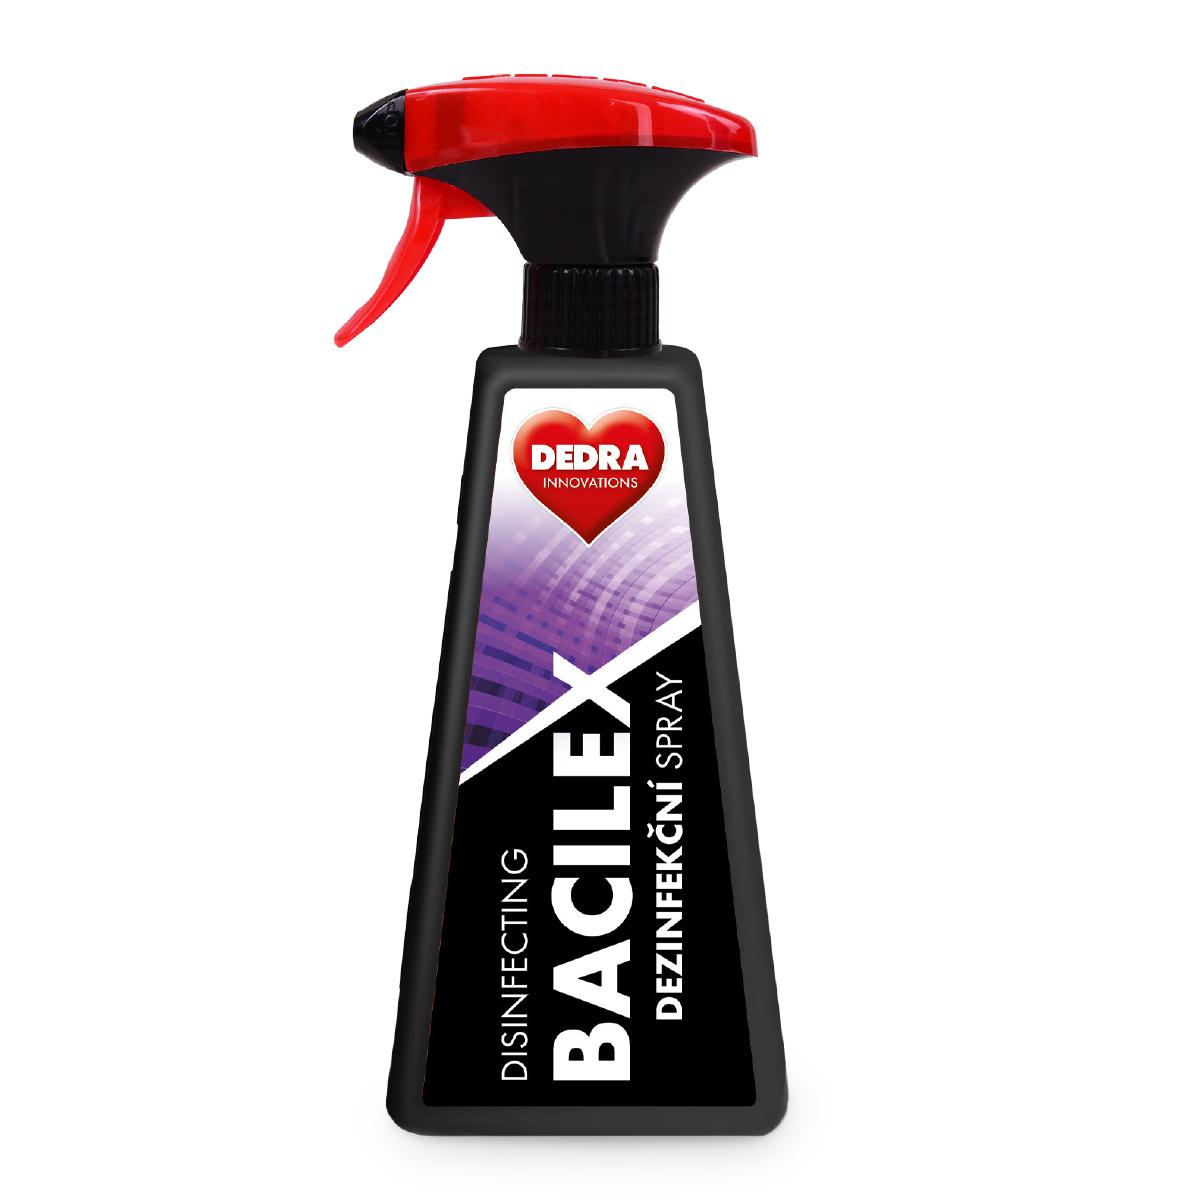 5 ks PROFI SADA certifikovaný dezinfekční spray, 71 % alkoholu, BACILEX® DISINFECTING SPRAY